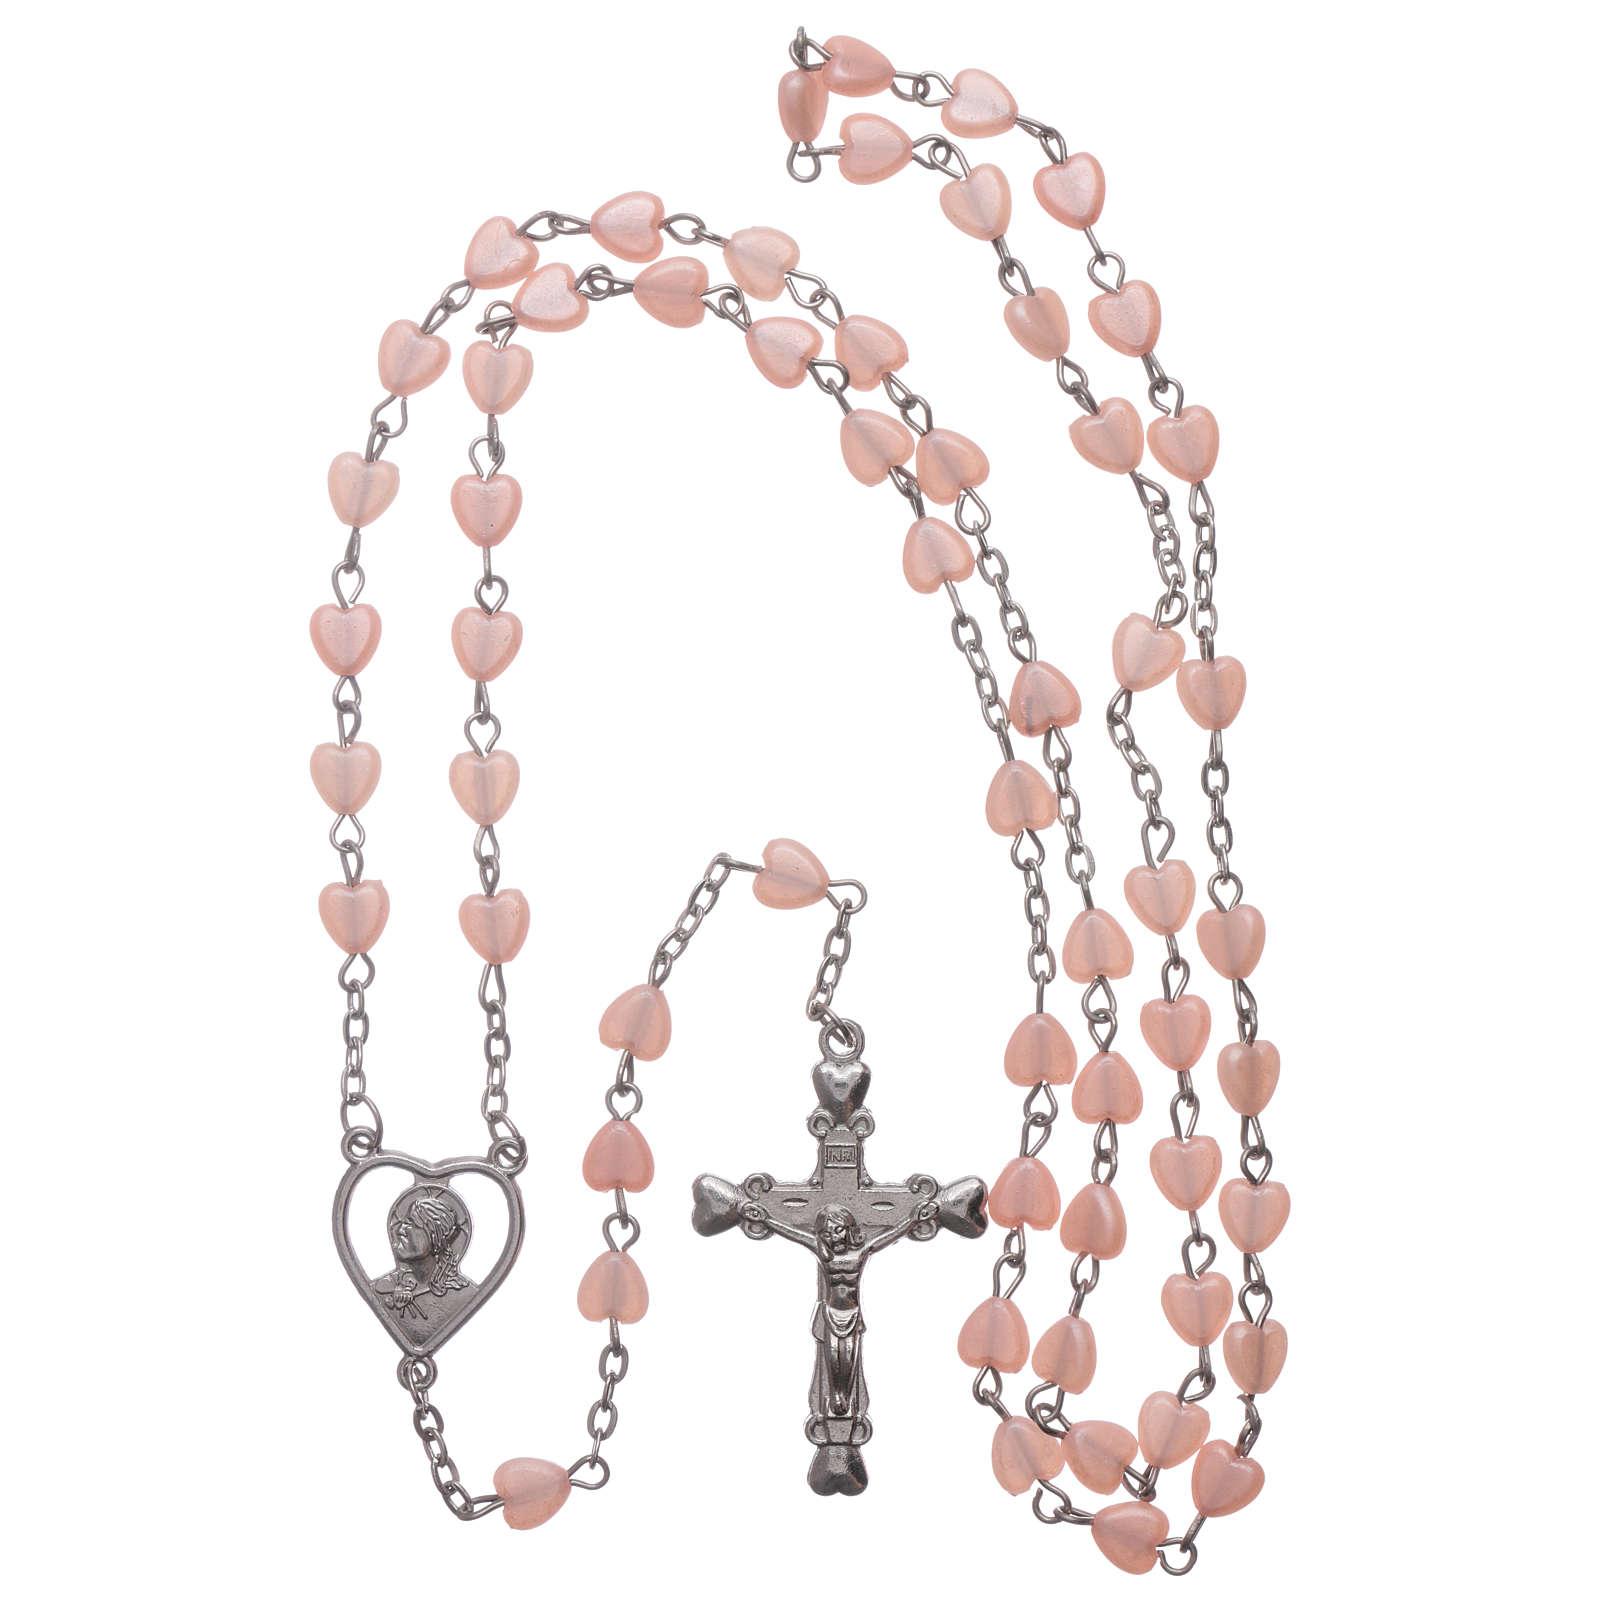 STOCK Chapelet coeur plastique métal rose 4